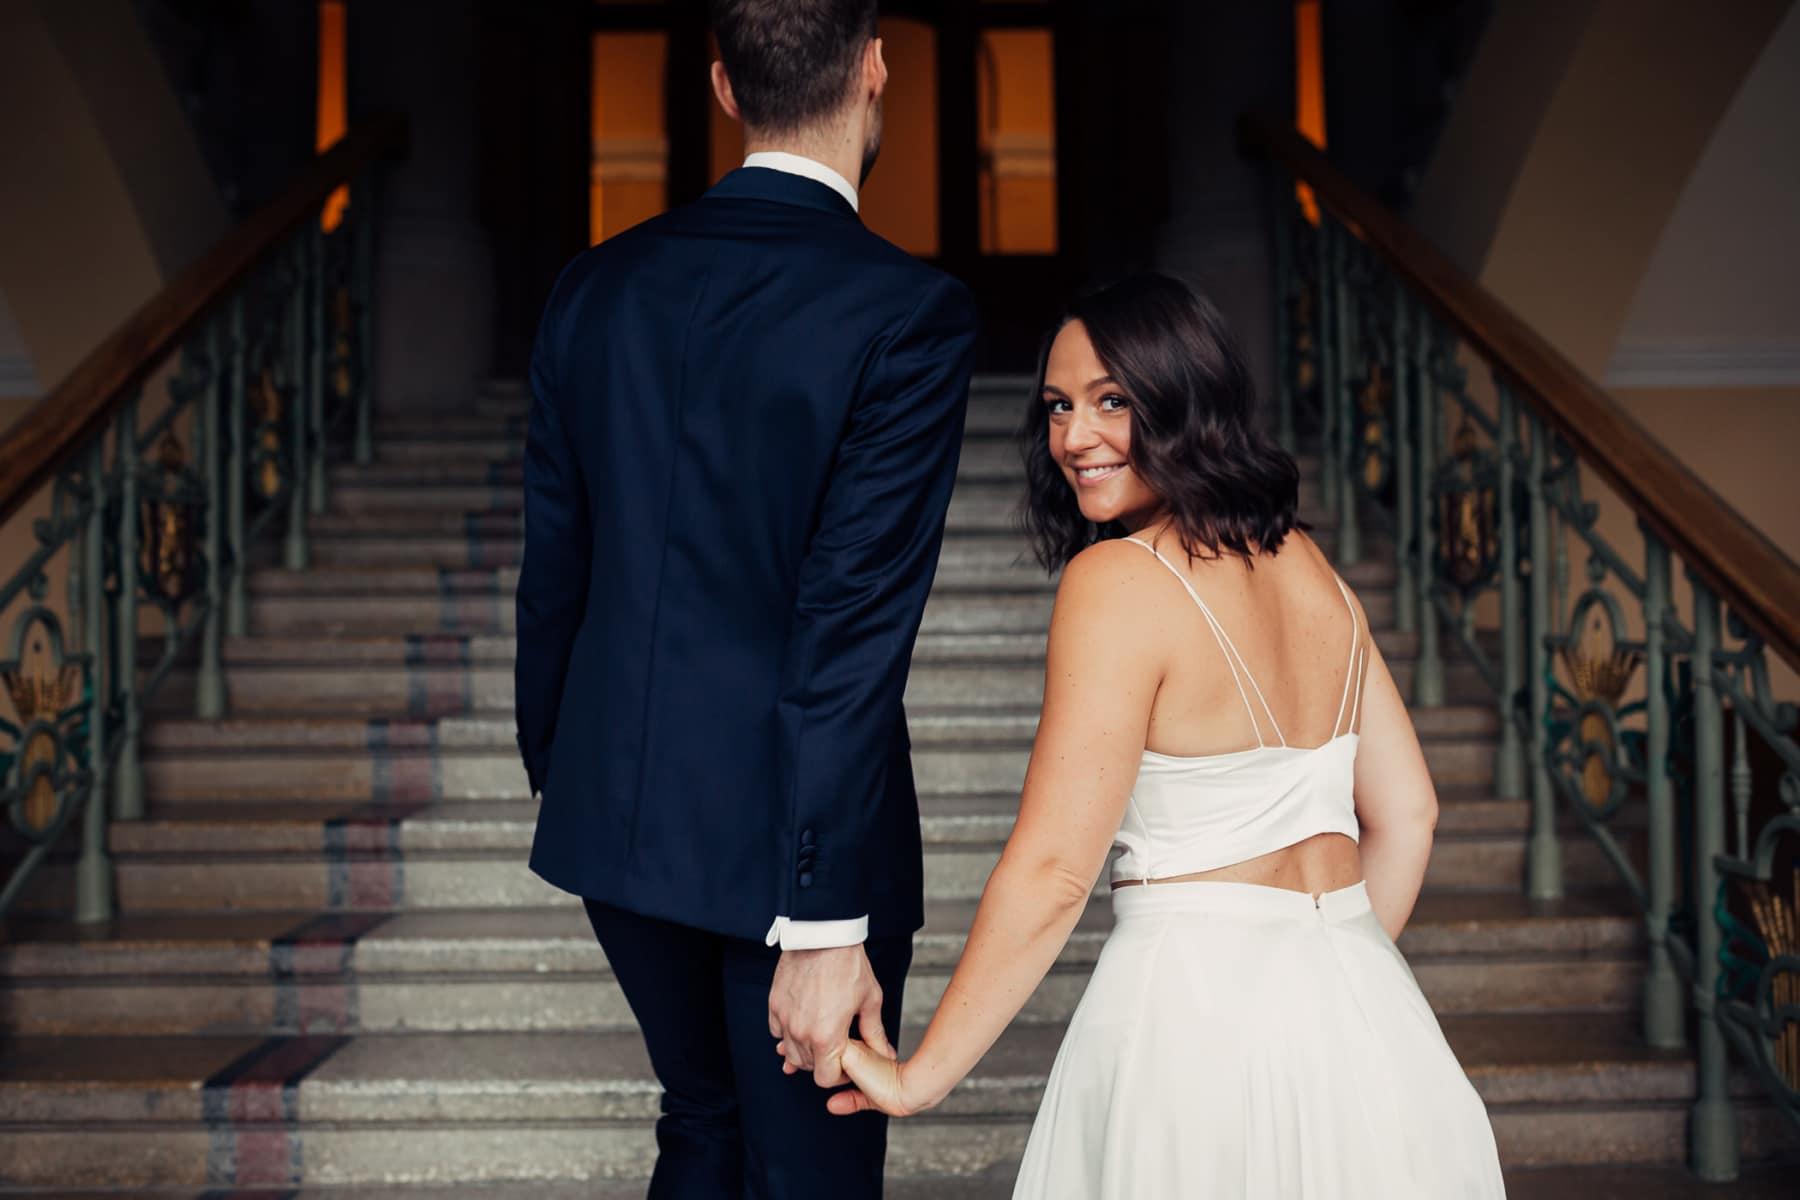 Caroline & Bendik - avslappet og morsomt bryllup i Ski Fotograf bryllup ski 10 Brudepar